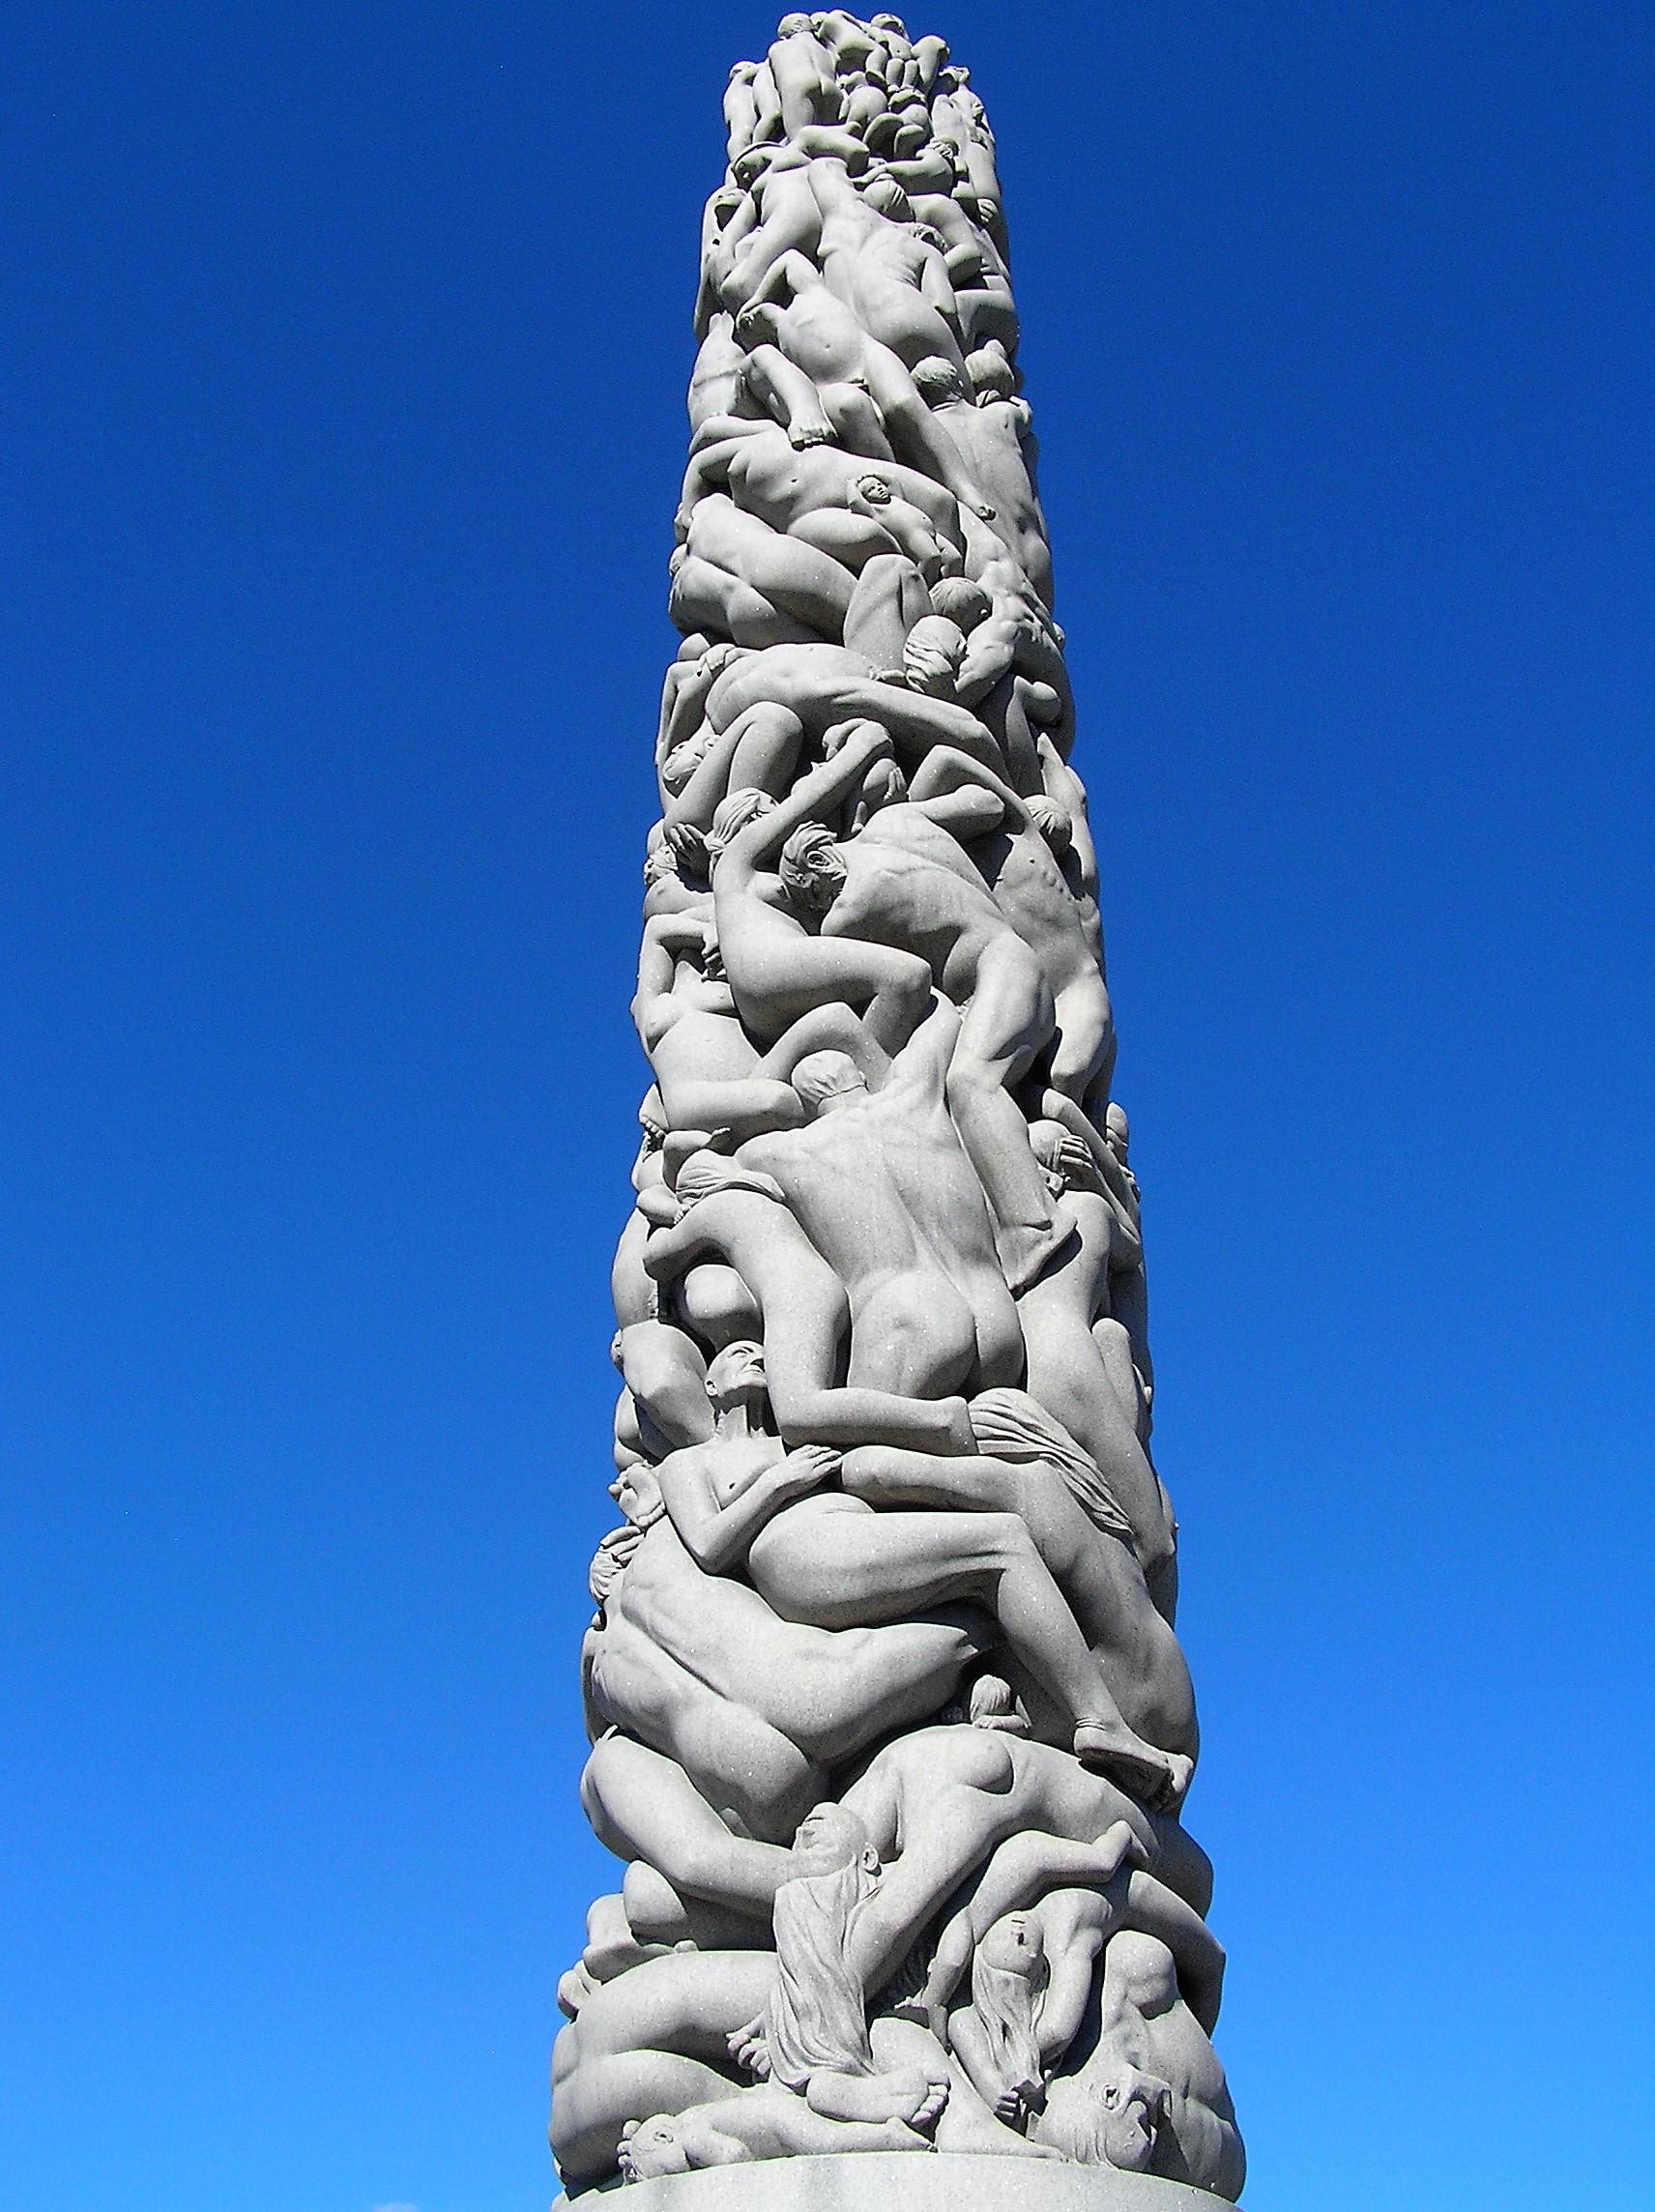 Vingeland Sculpture Park, Oslo